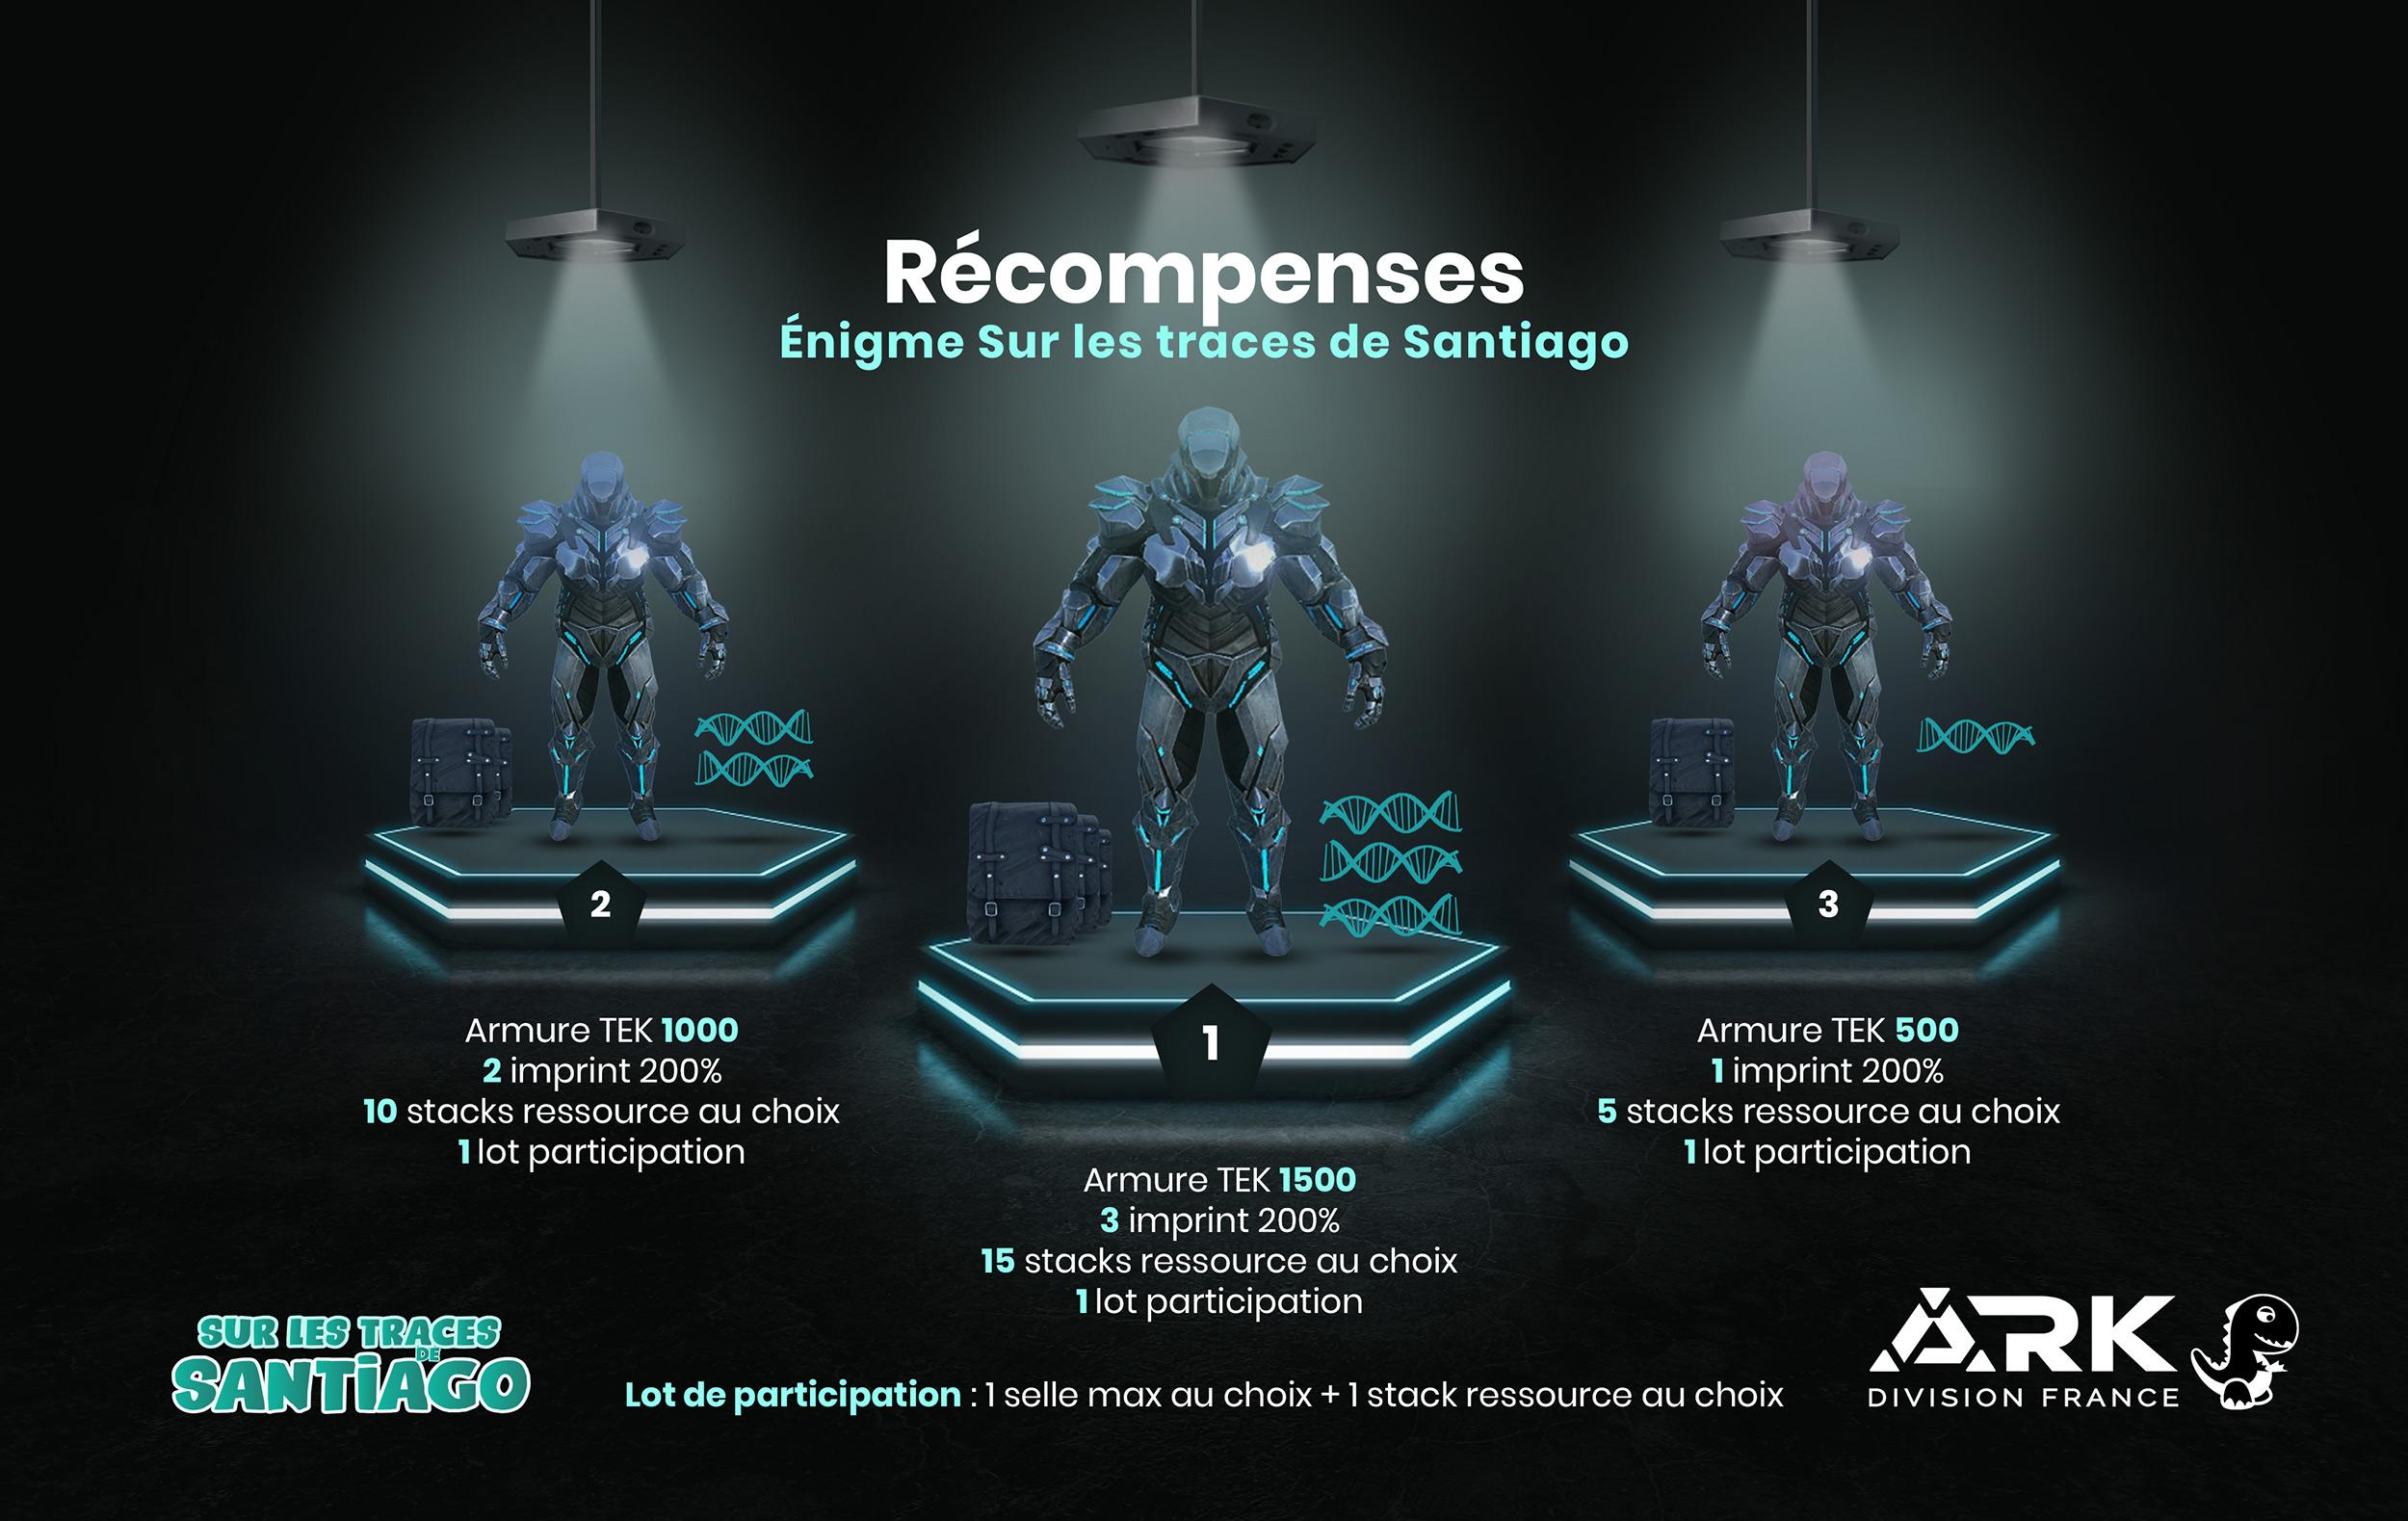 Recompenses-Enigme-Ark-Division-Santiago